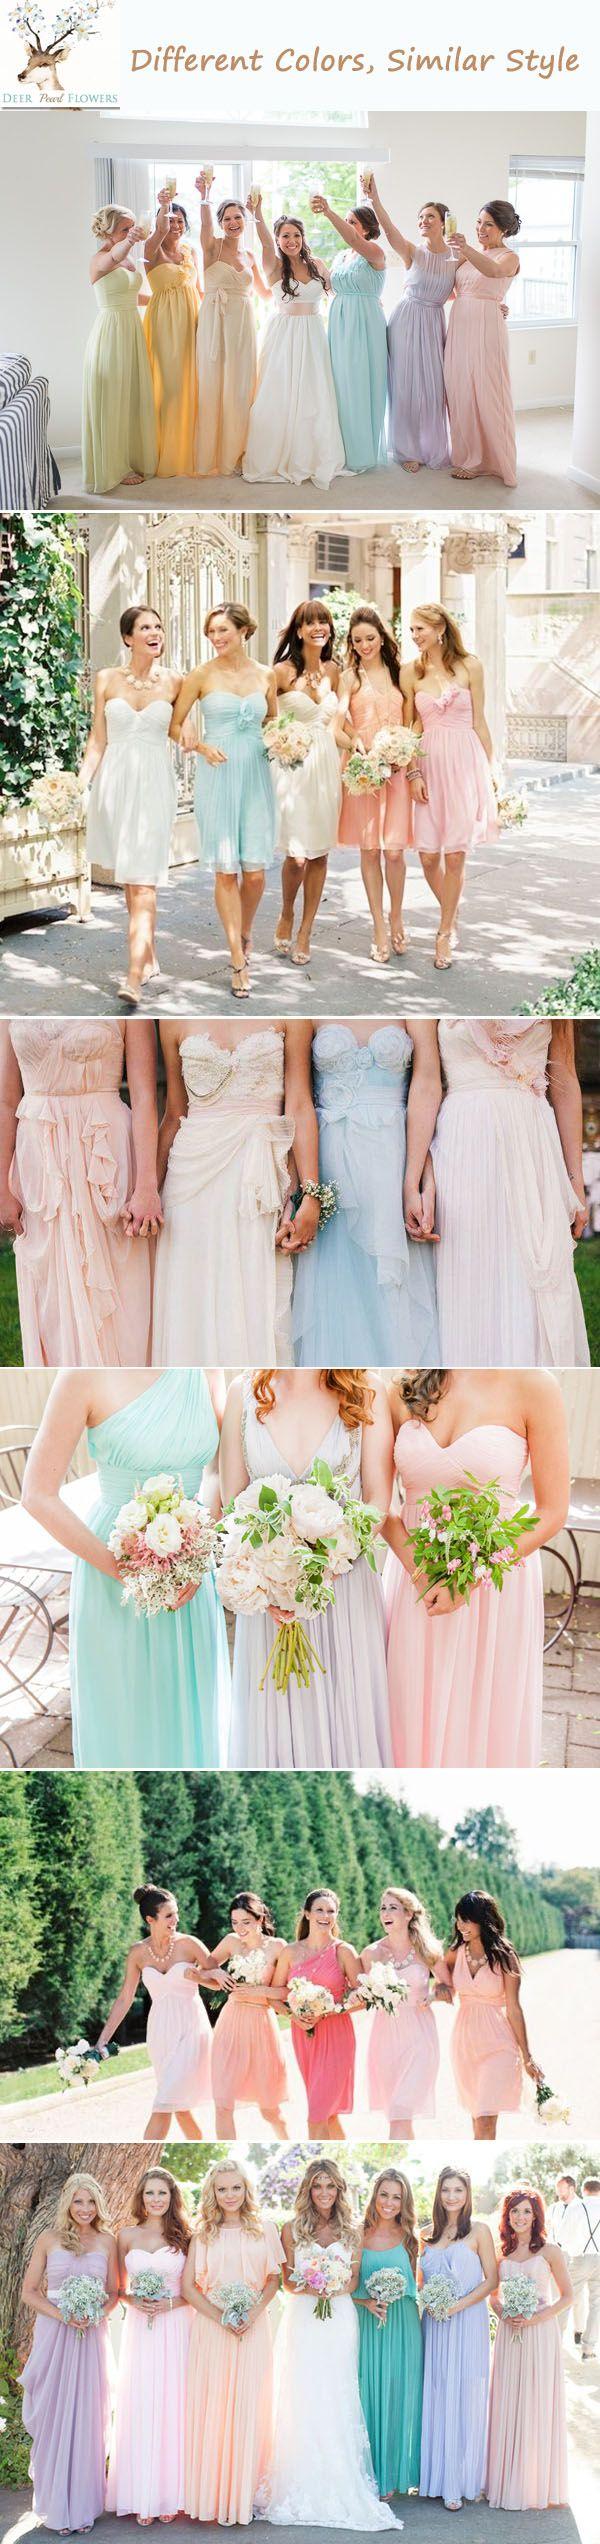 mismatch bridesmaids dresses different color similar style